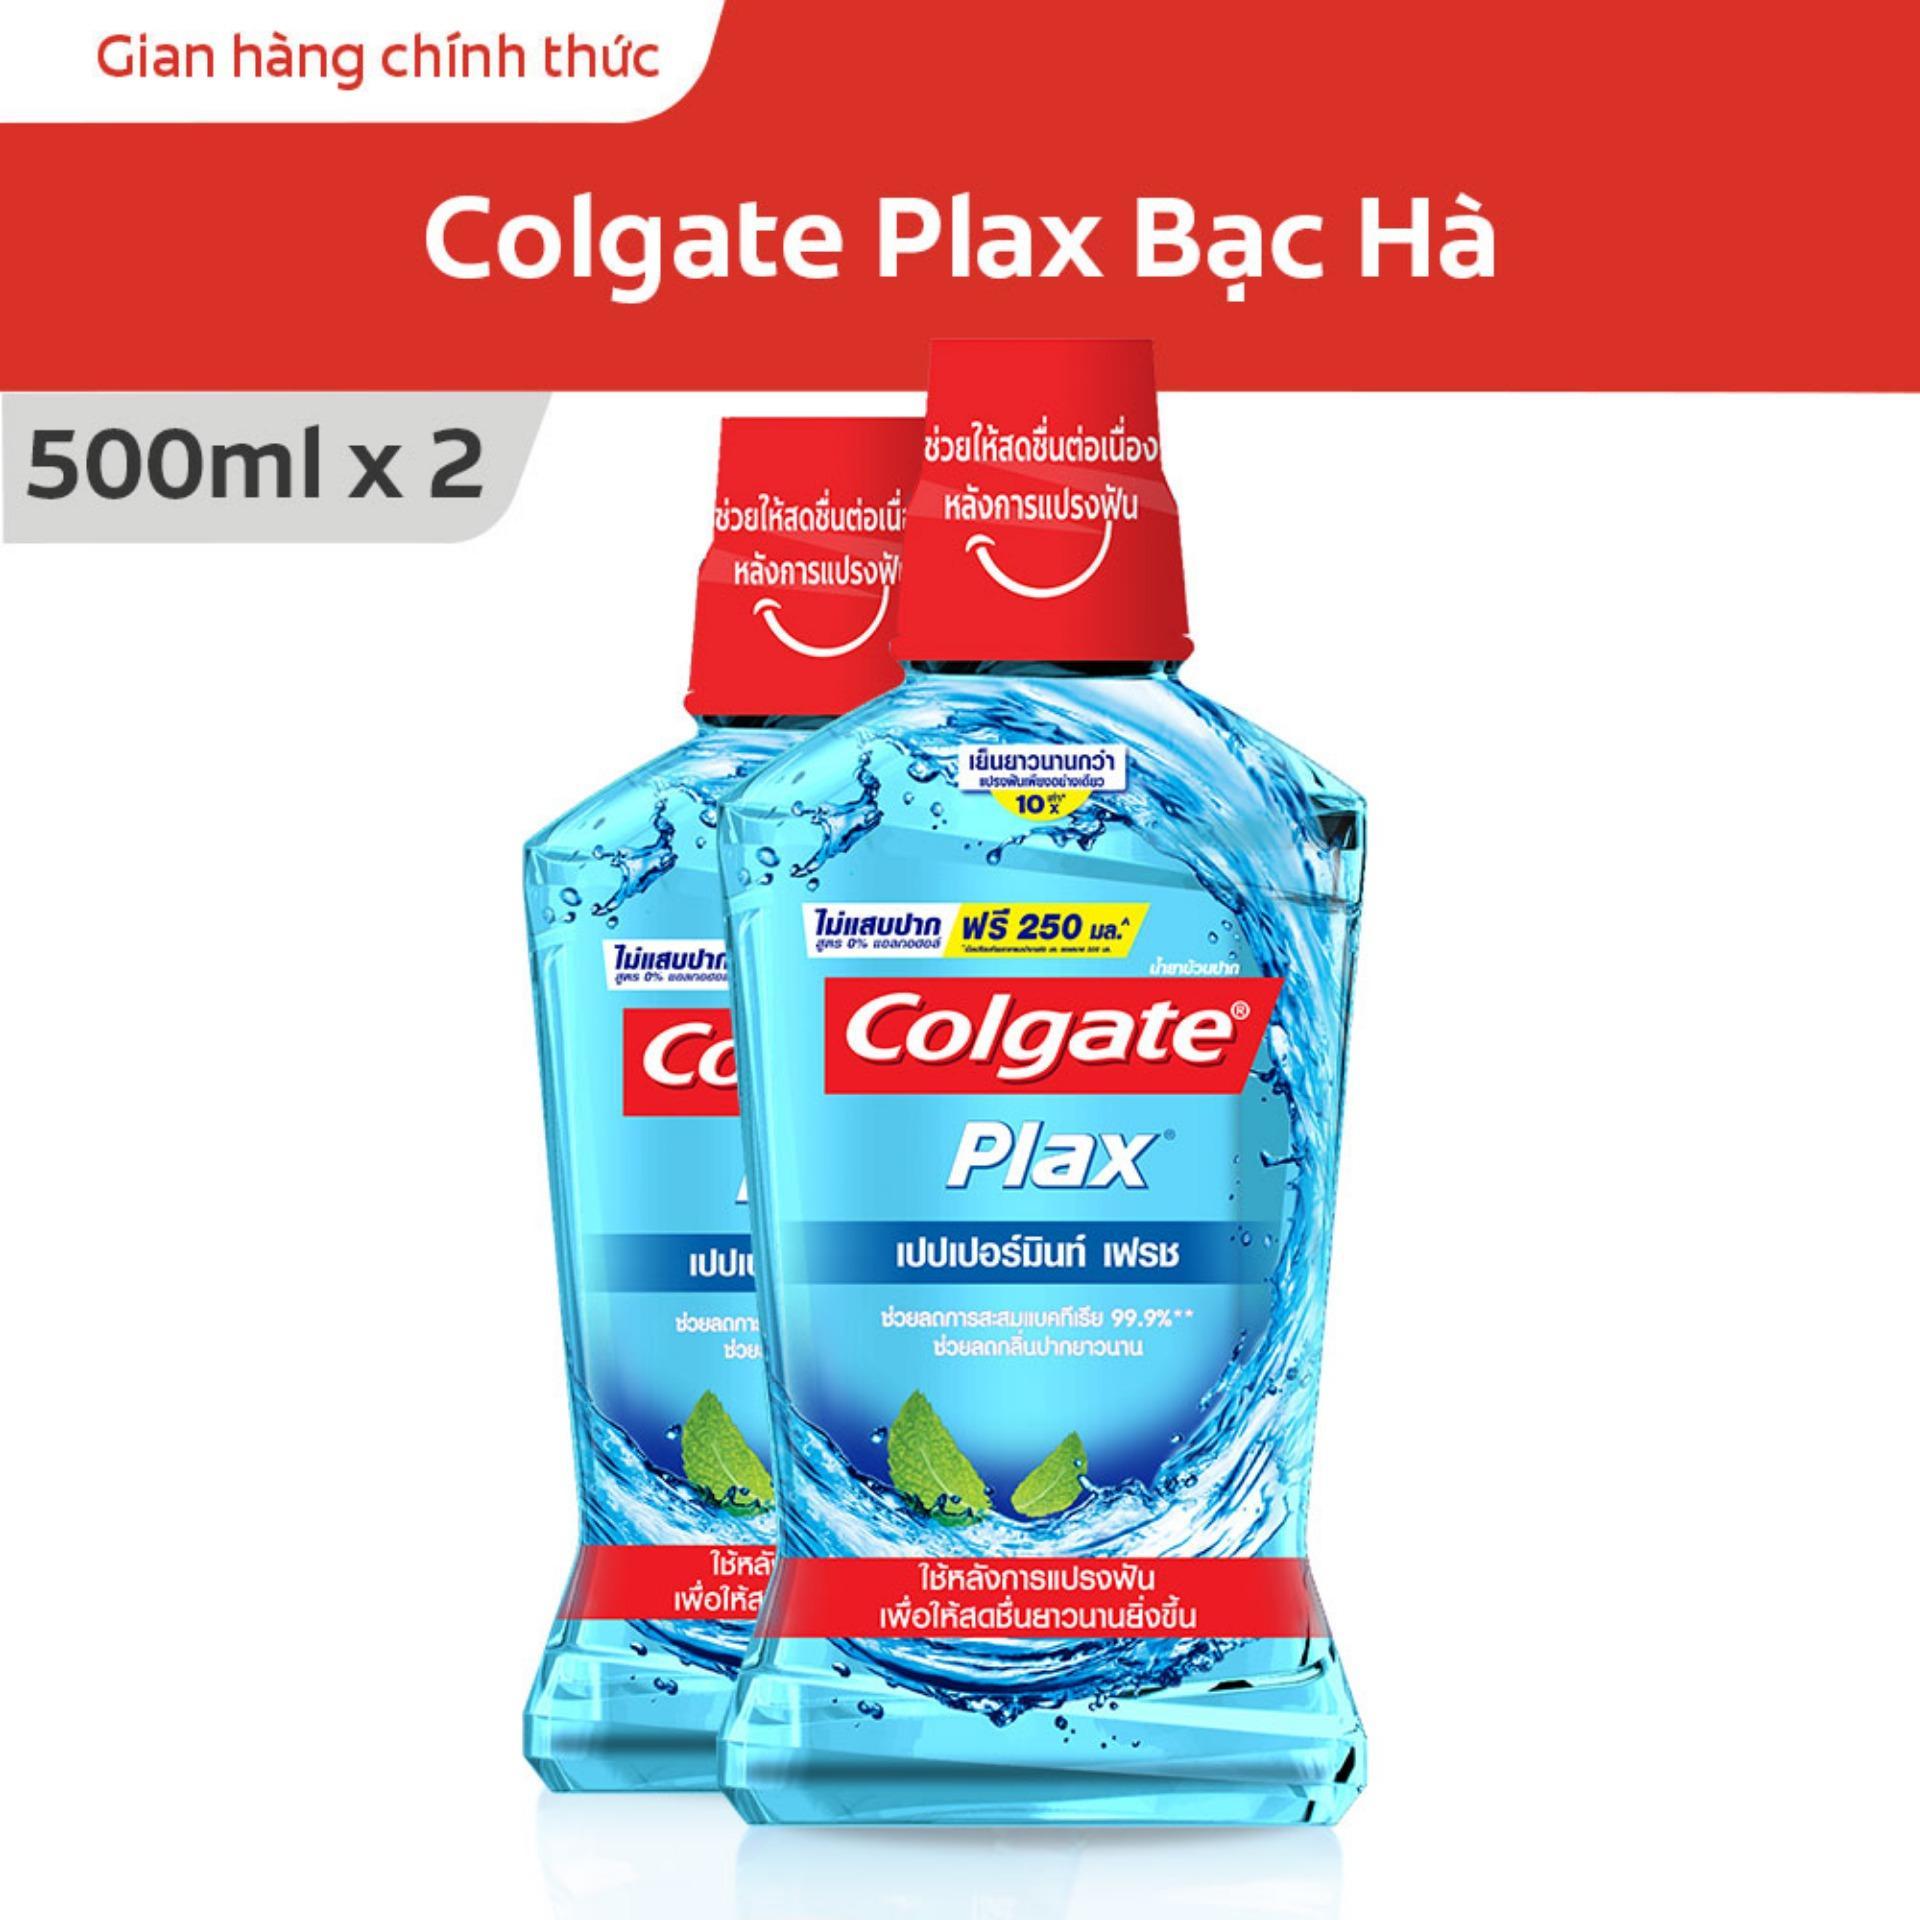 Bộ đôi Nước súc miệng Colgate Plax bạc hà không cồn 500ml